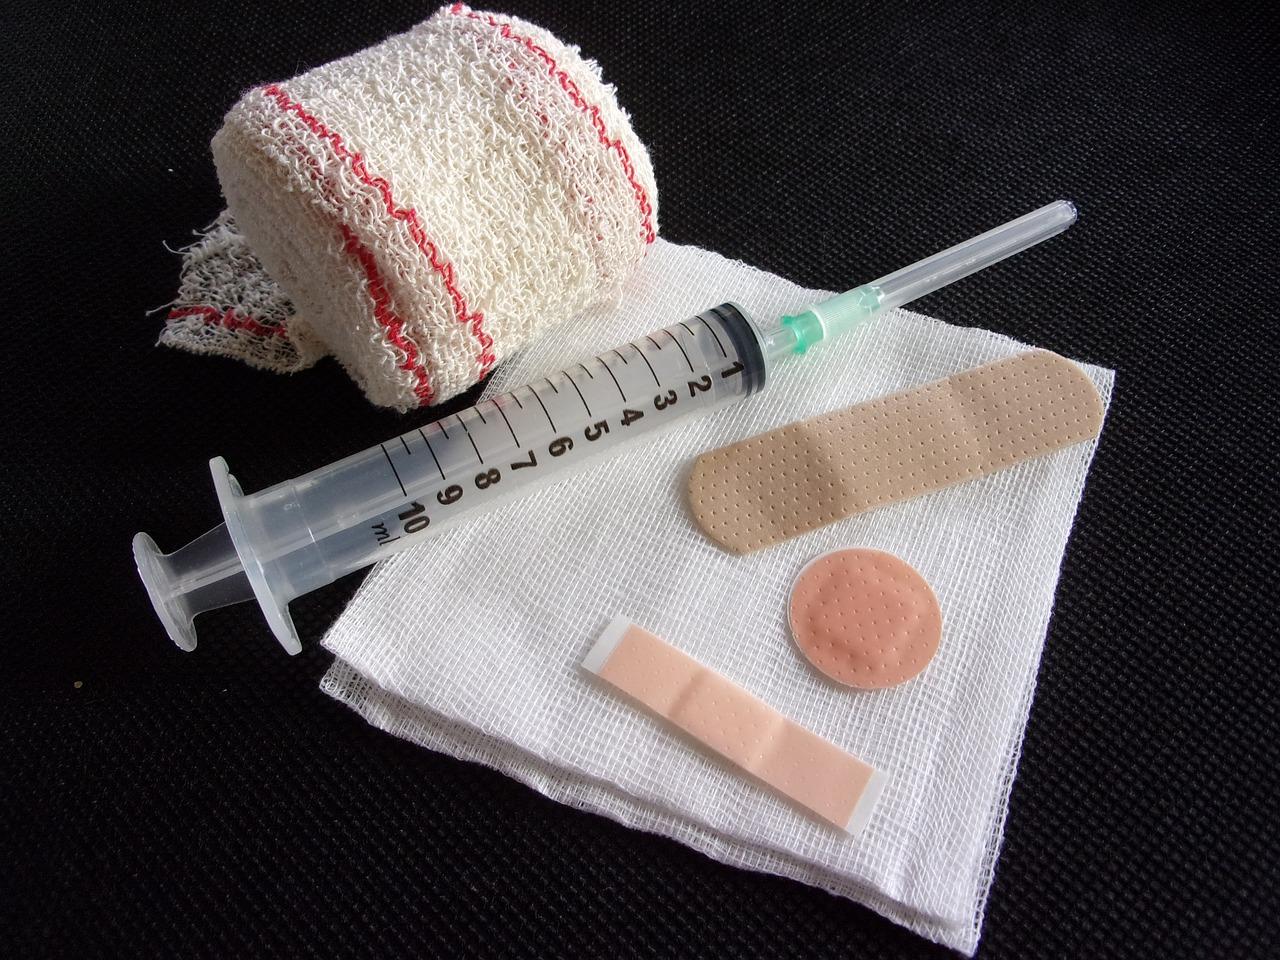 Care Syringe Vaccine - Free photo on Pixabay